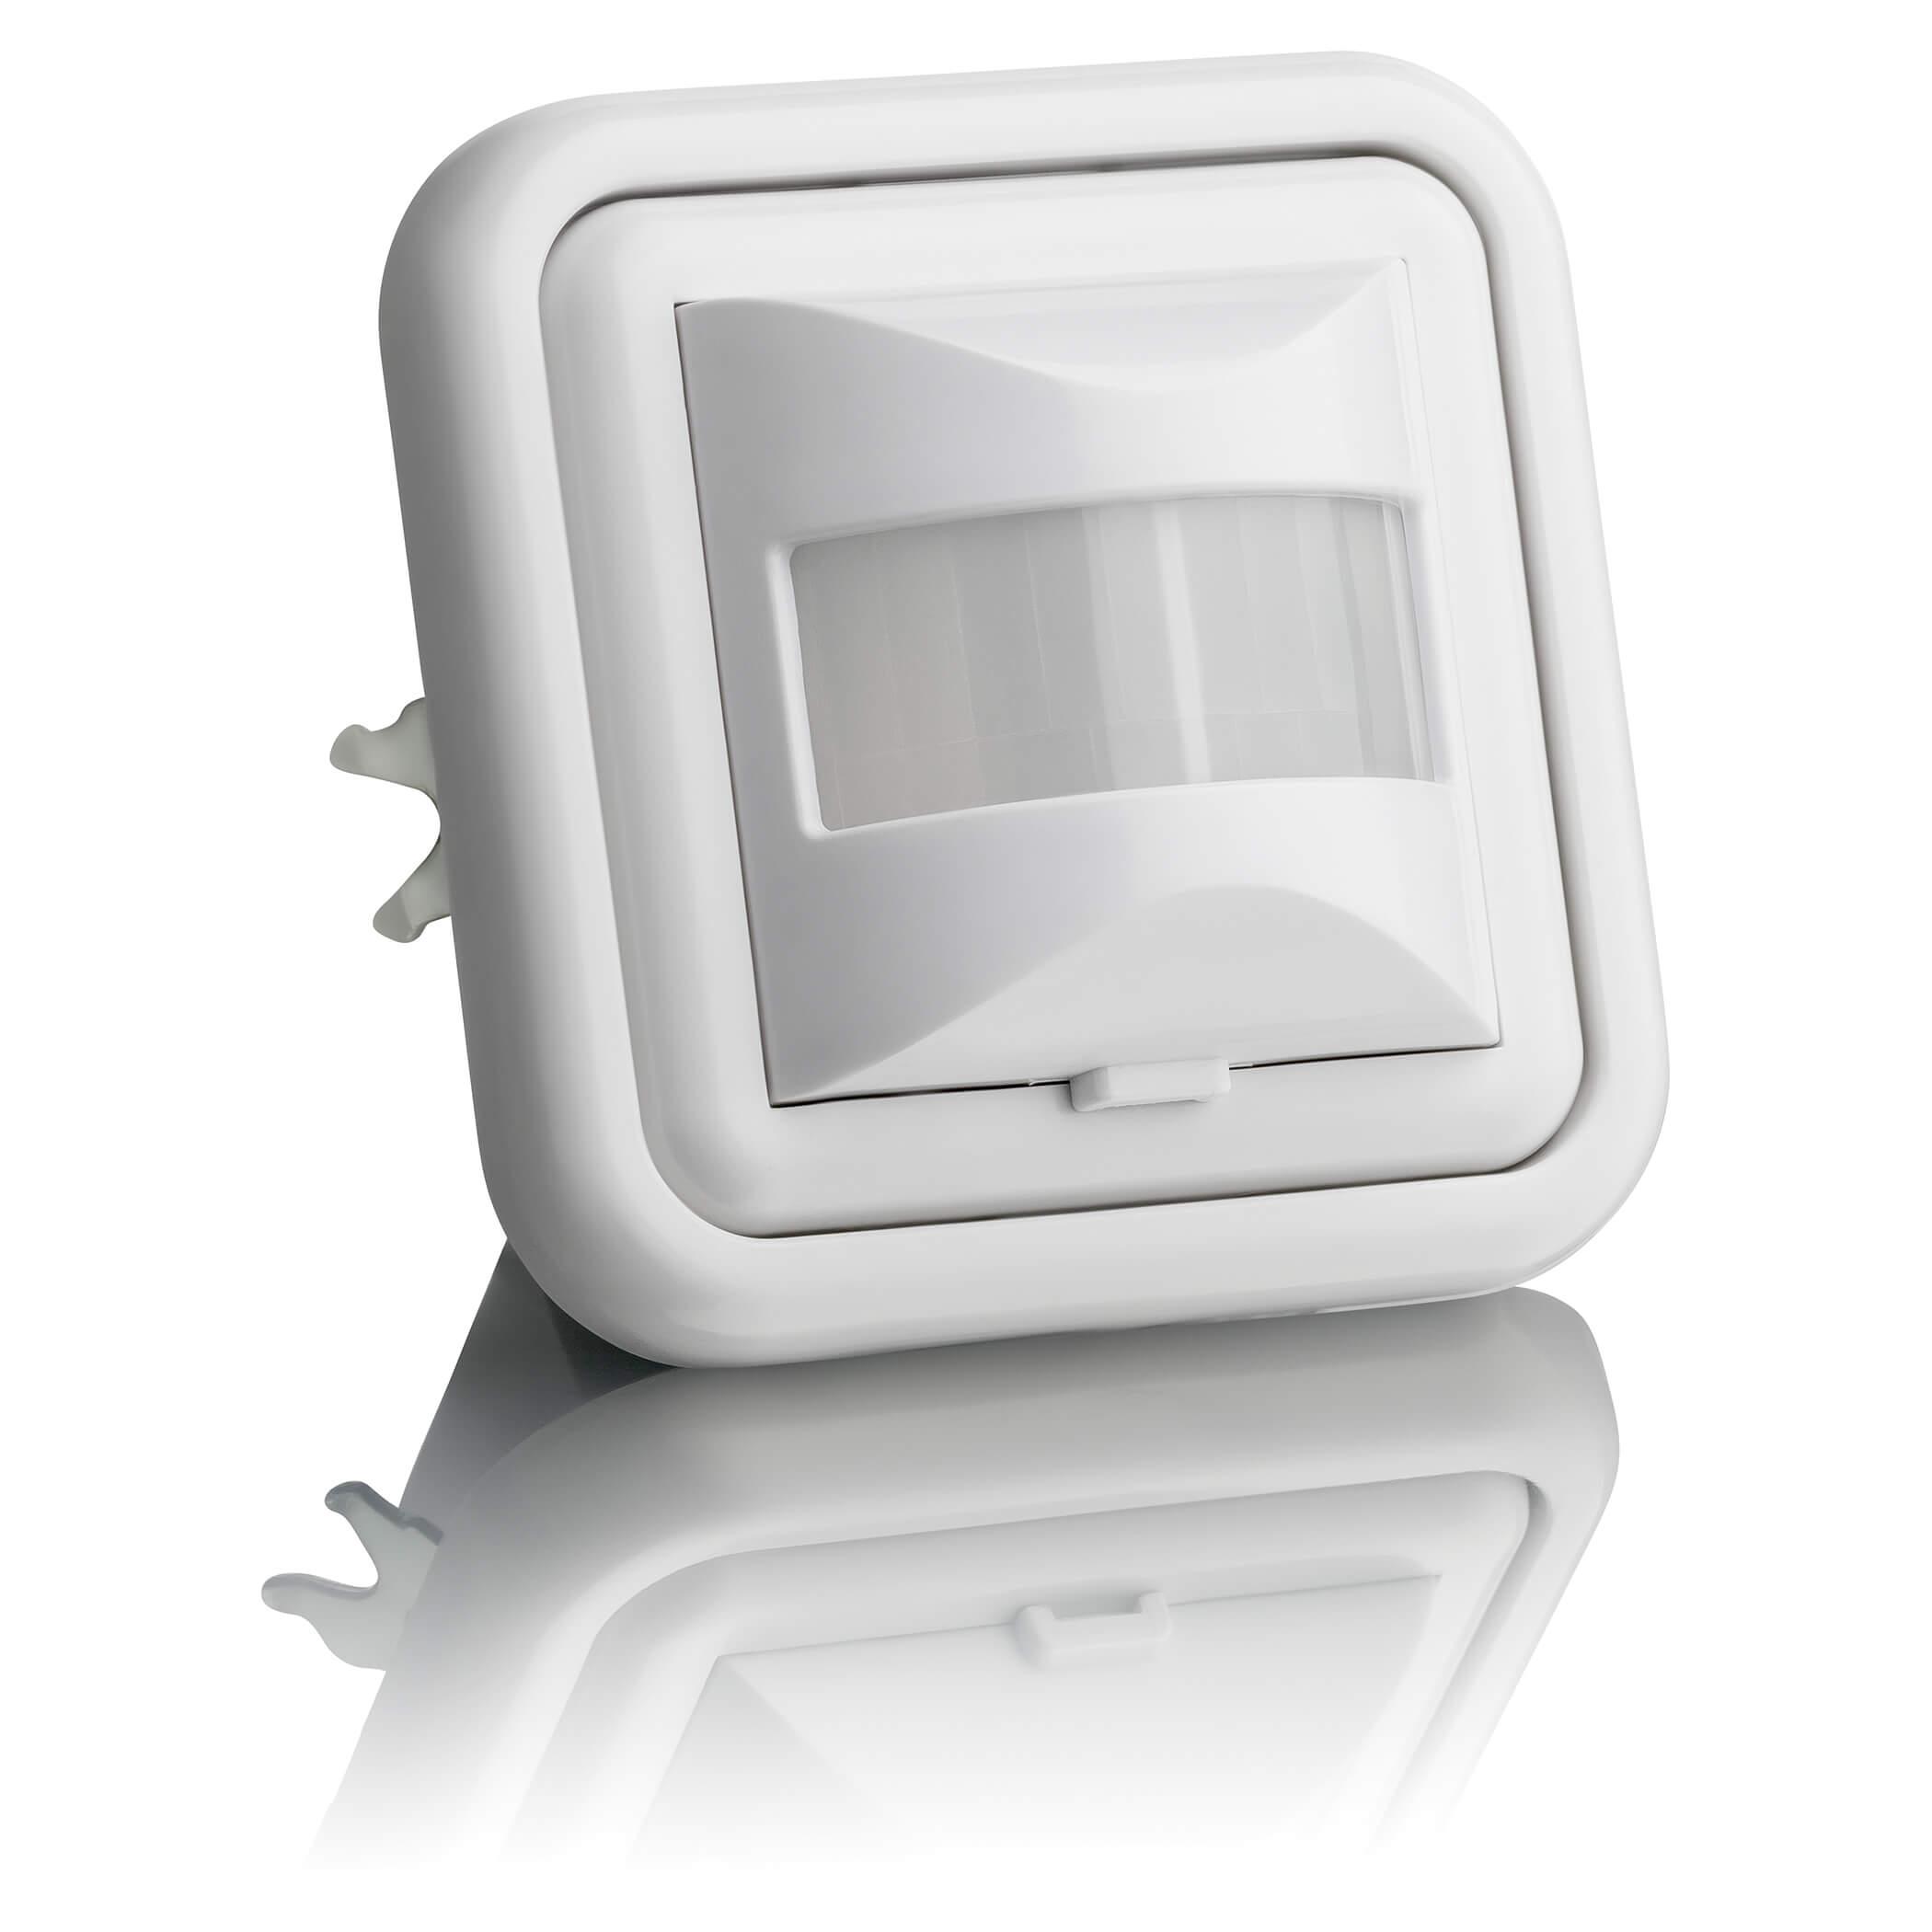 infrarot bewegungsmelder unterputz led lampen und leuchten im led shop kaufen. Black Bedroom Furniture Sets. Home Design Ideas